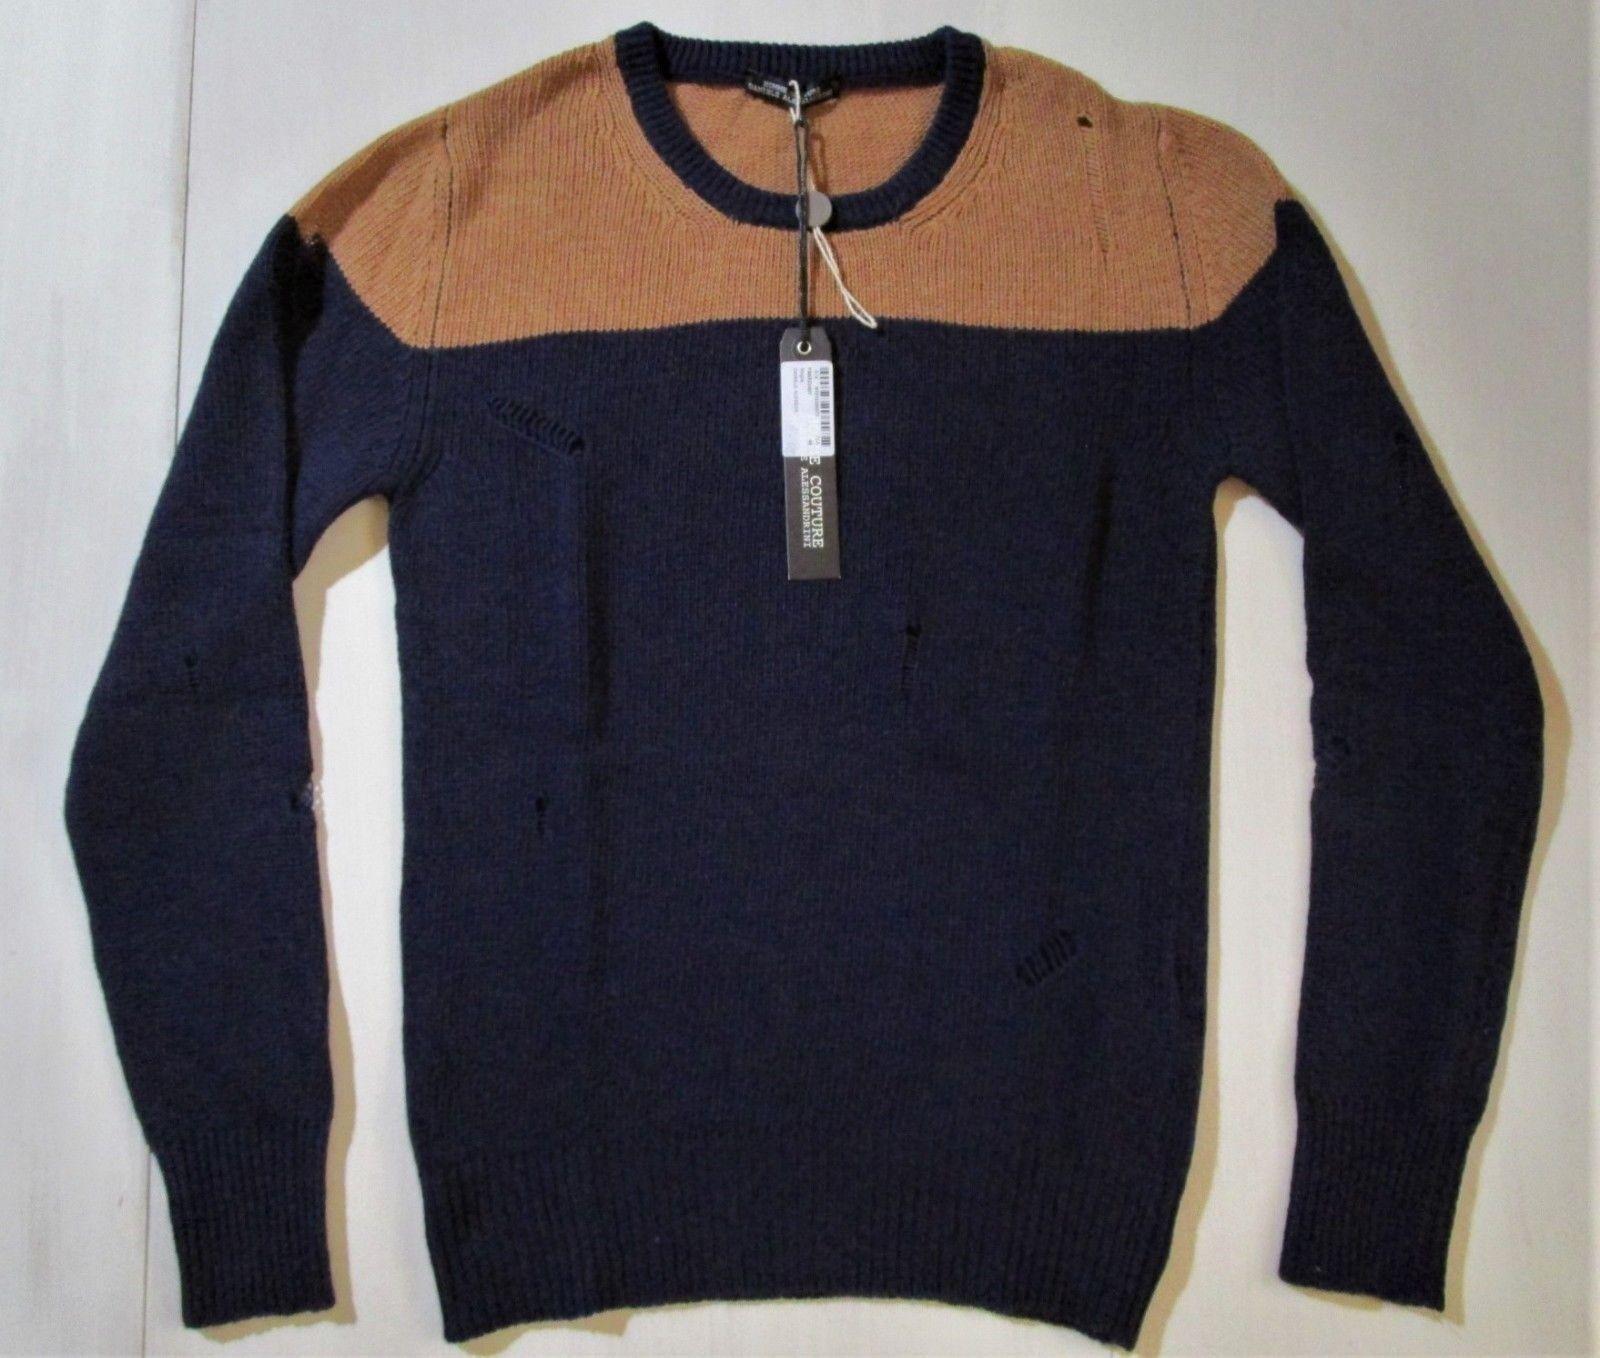 Daniele Daniele Daniele Alessandrini Homme Couture Maglia TG 46 4e5f85